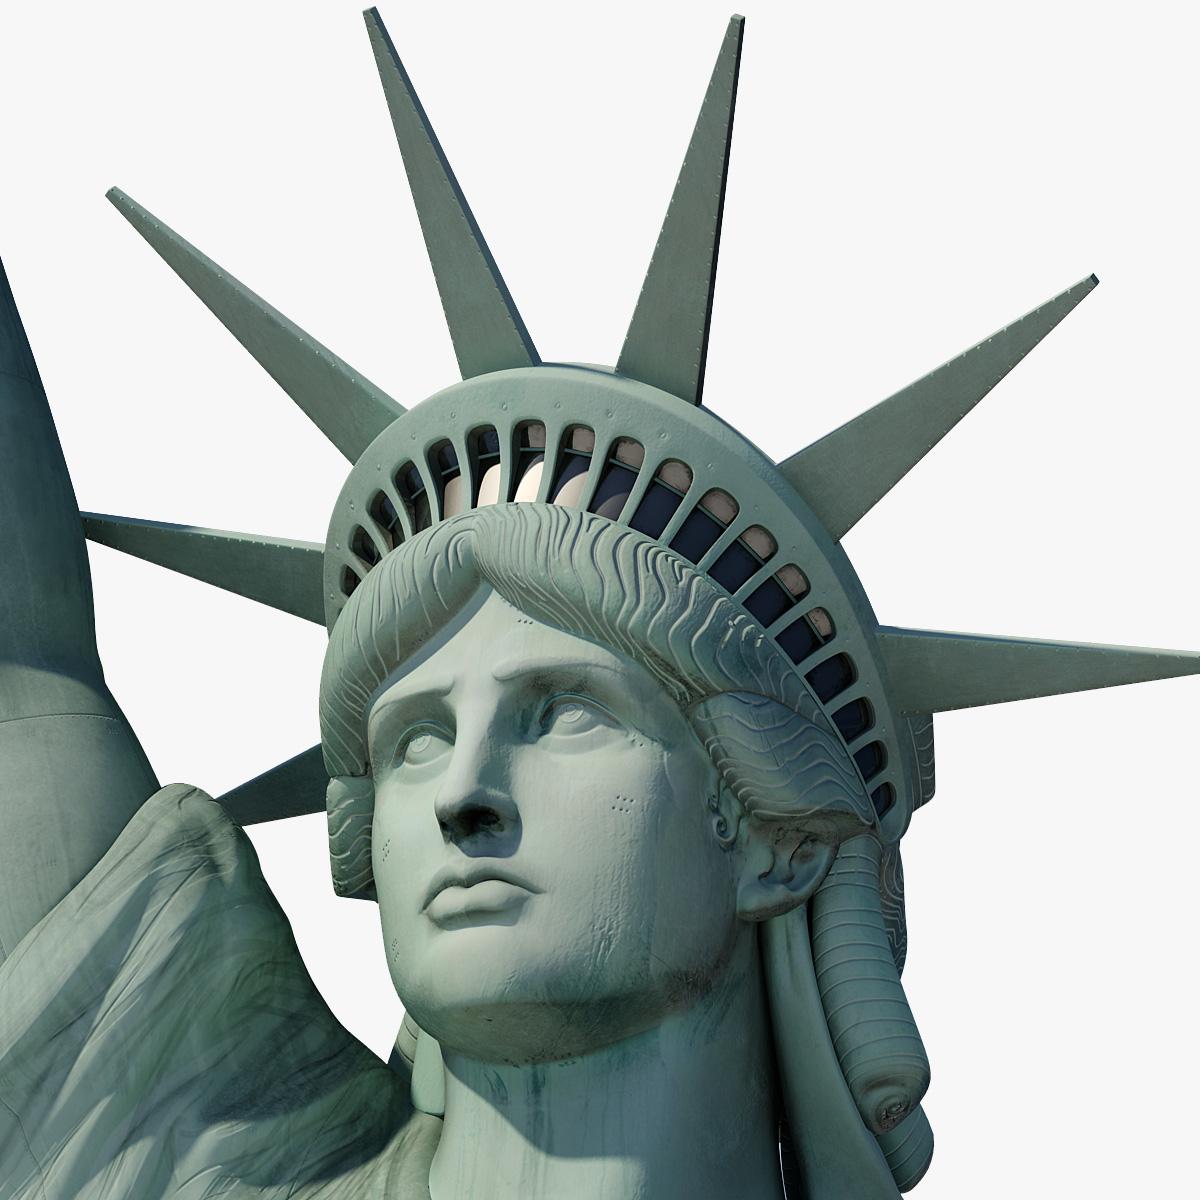 3d model of statue liberty